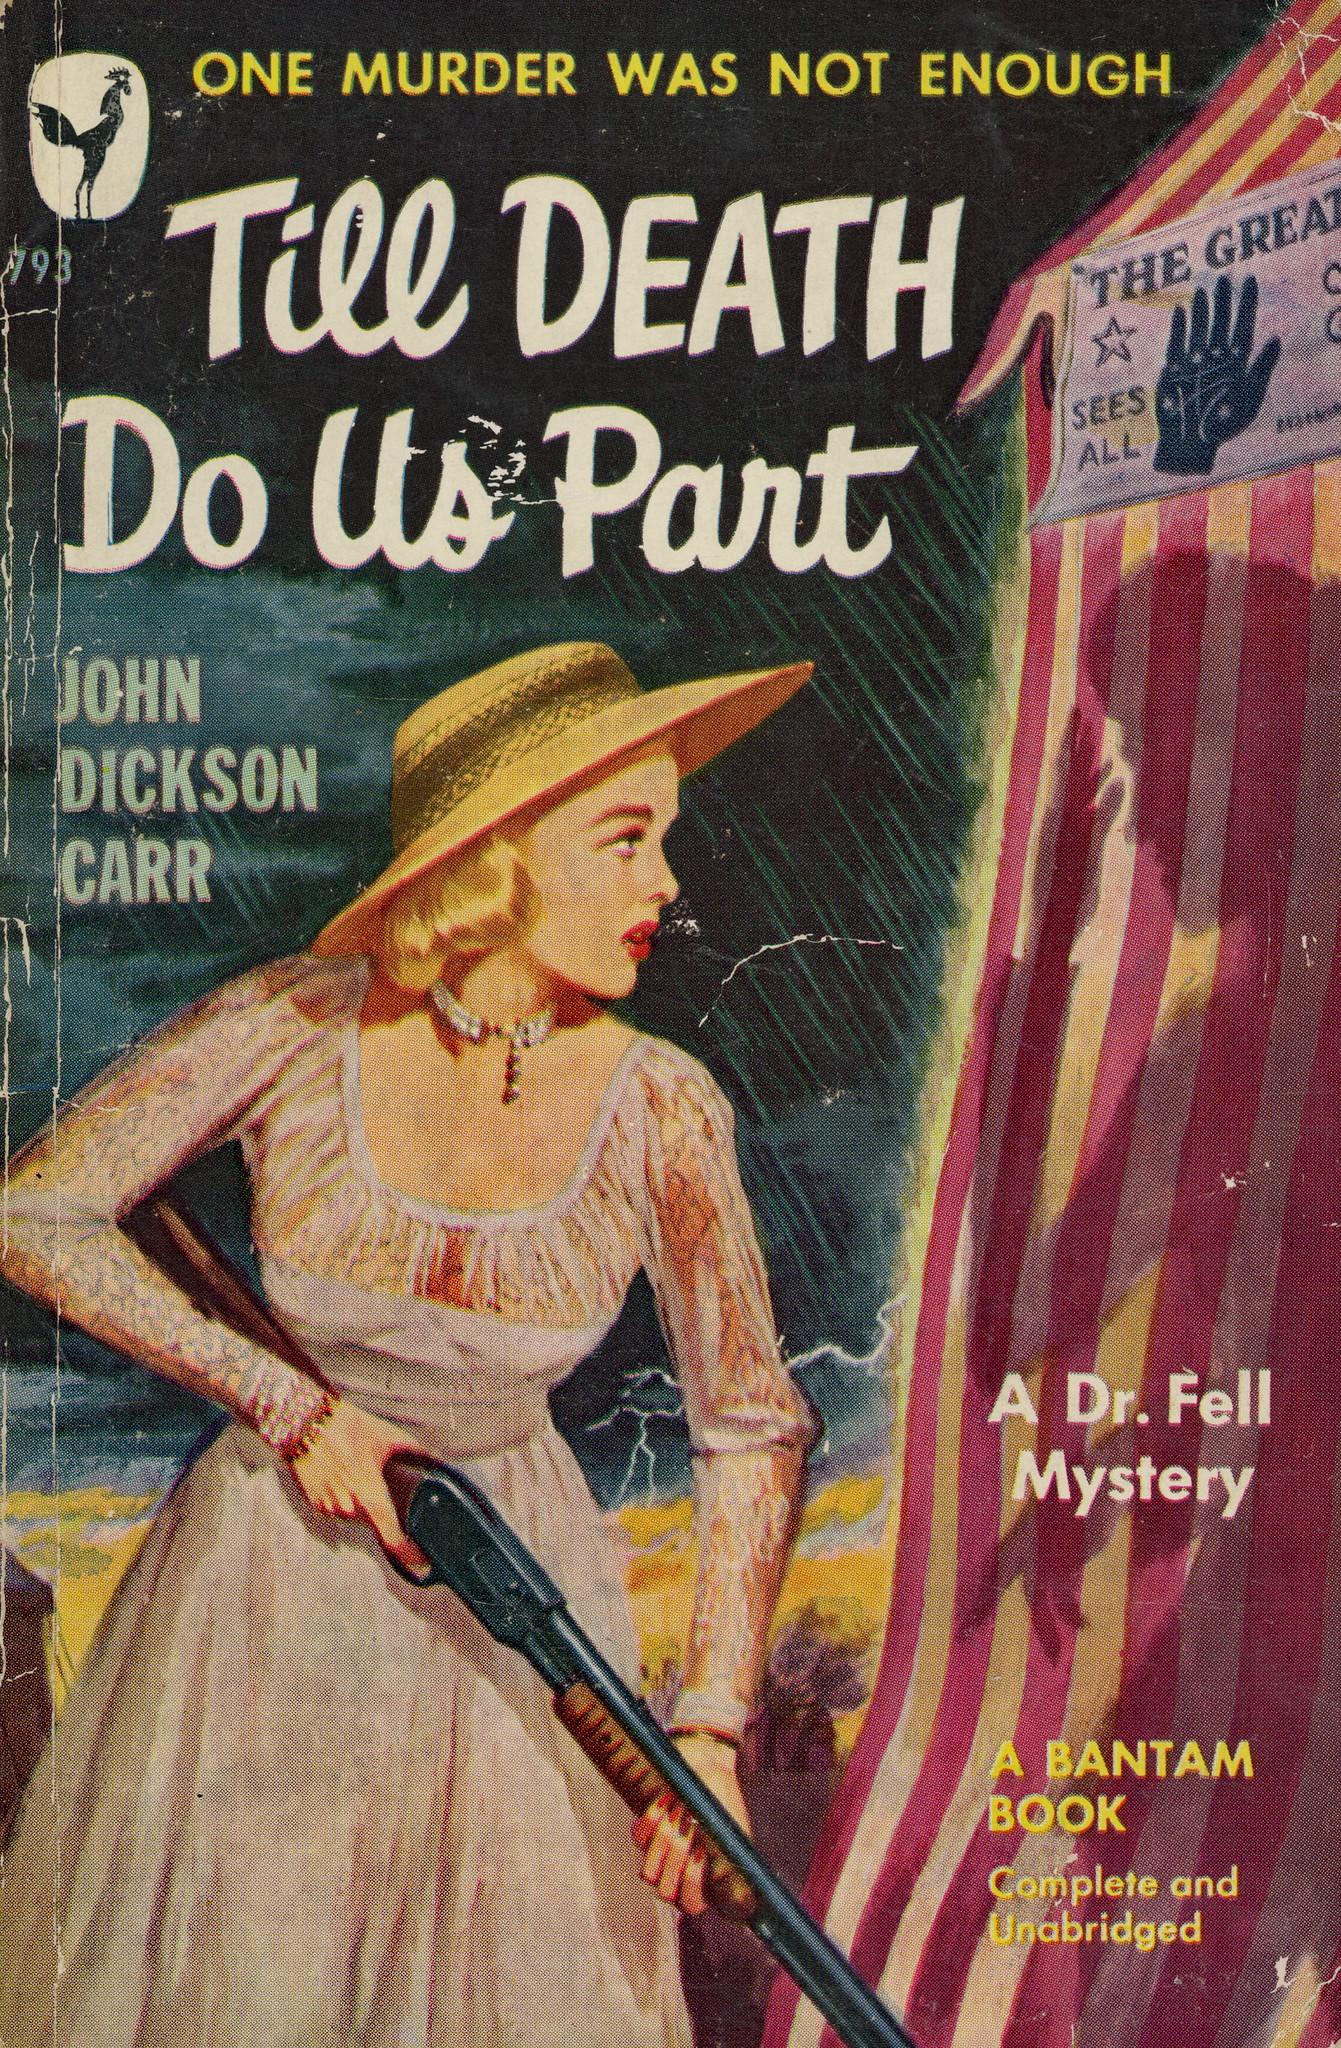 Джон Диксон Карр — Пока смерть не разлучит нас (1944)